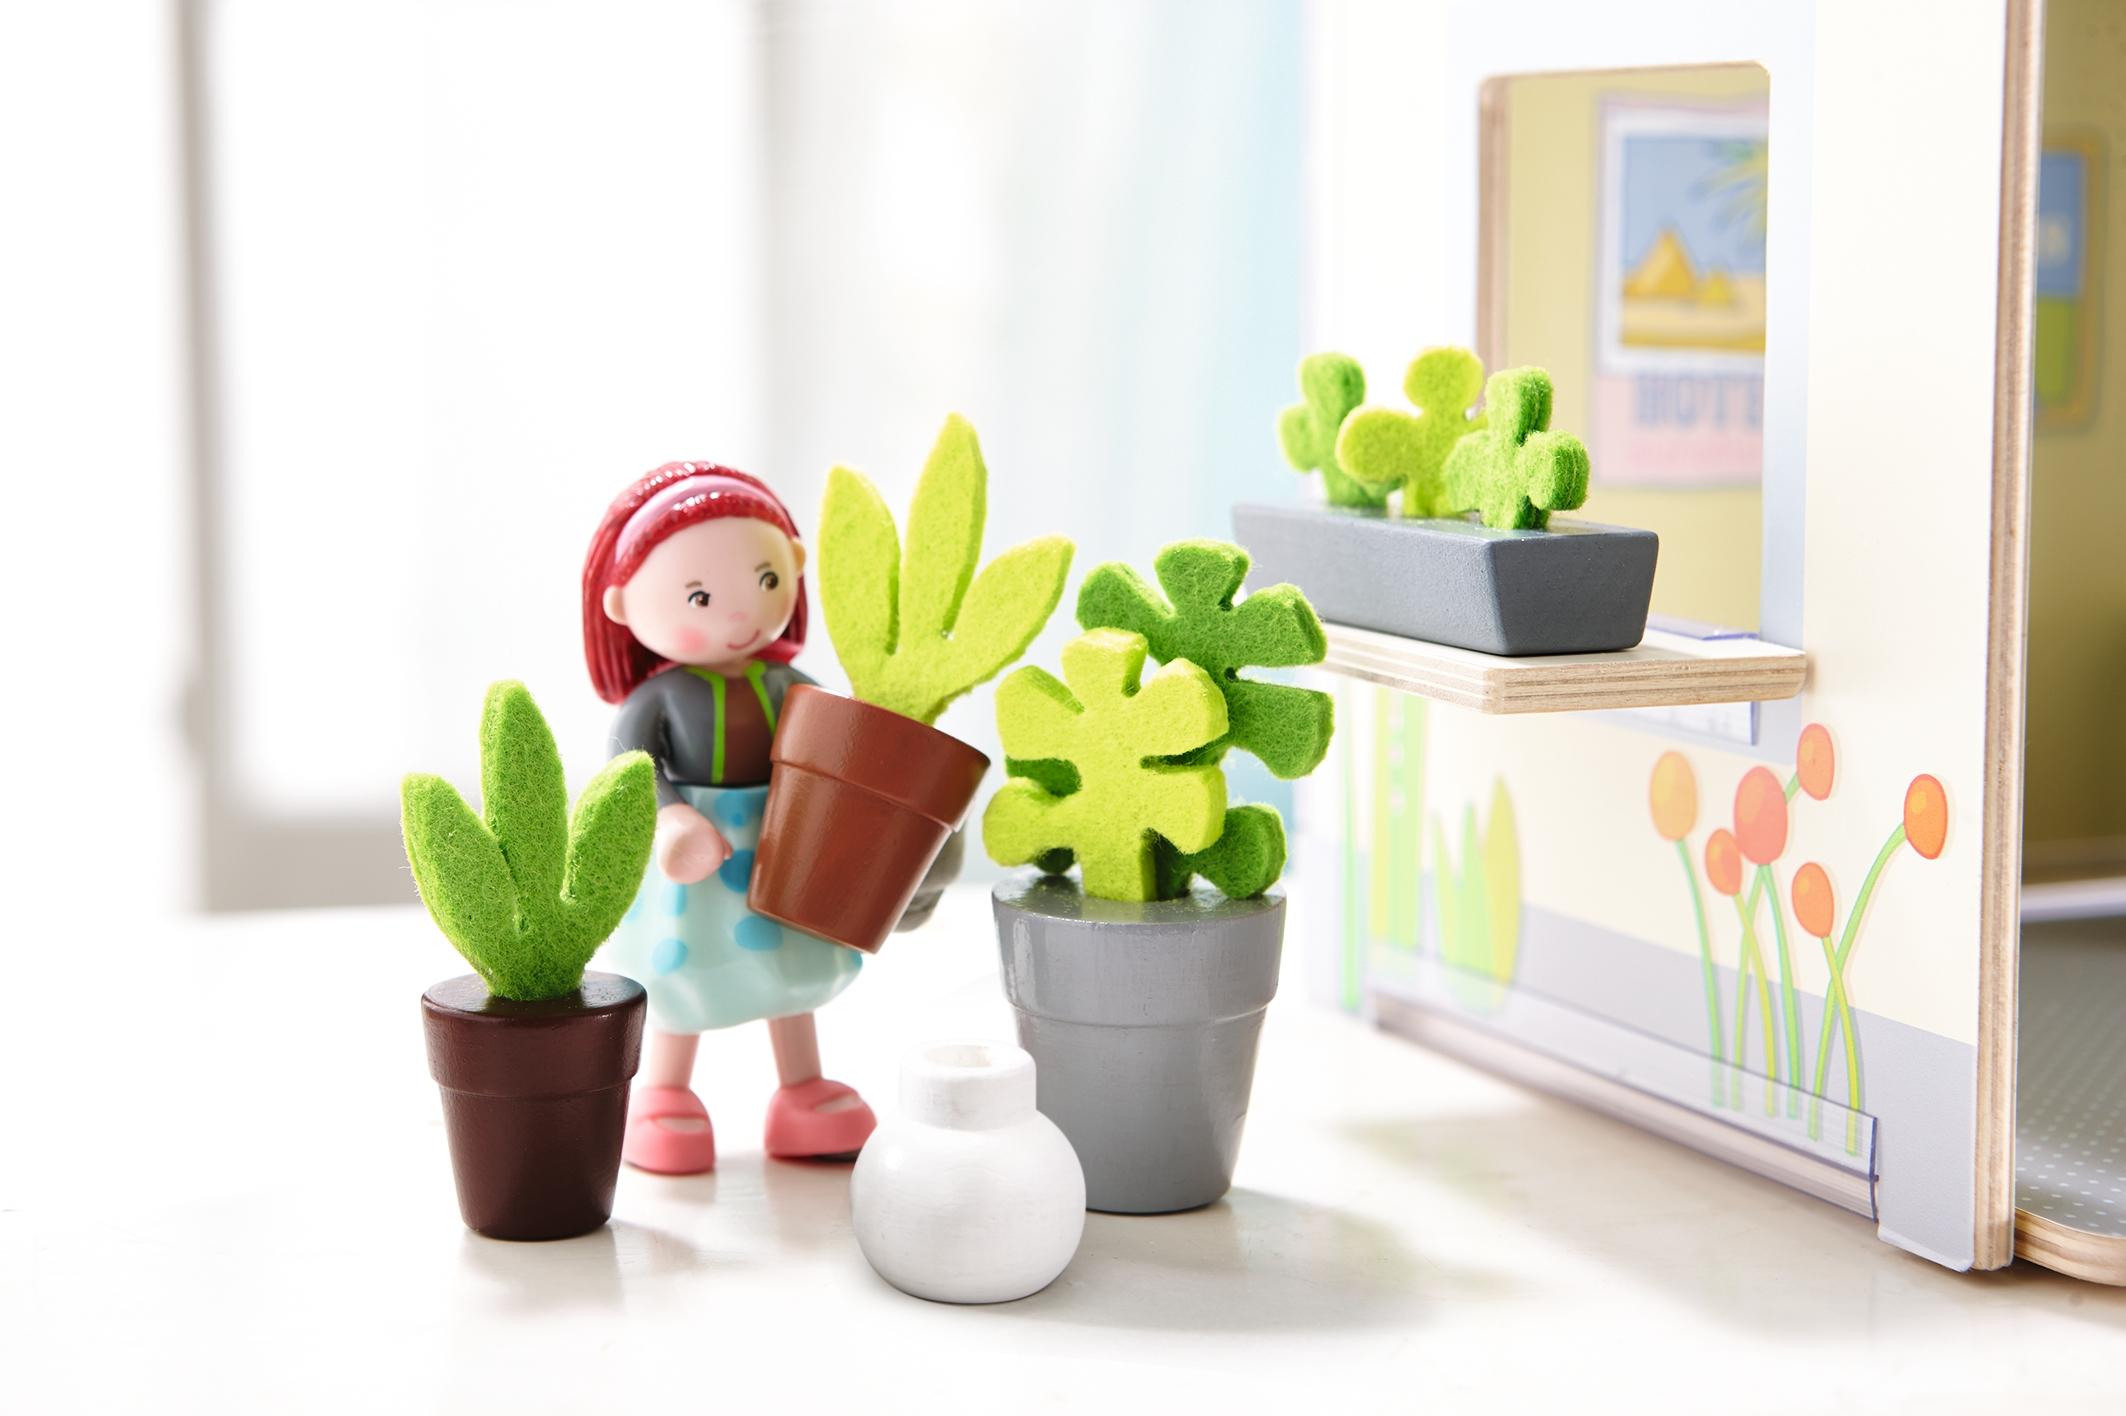 Accessoires poupée - fleurs et plantes - Little Friends - à partir de 3 ans  - SeBio ebd85ecfe77a